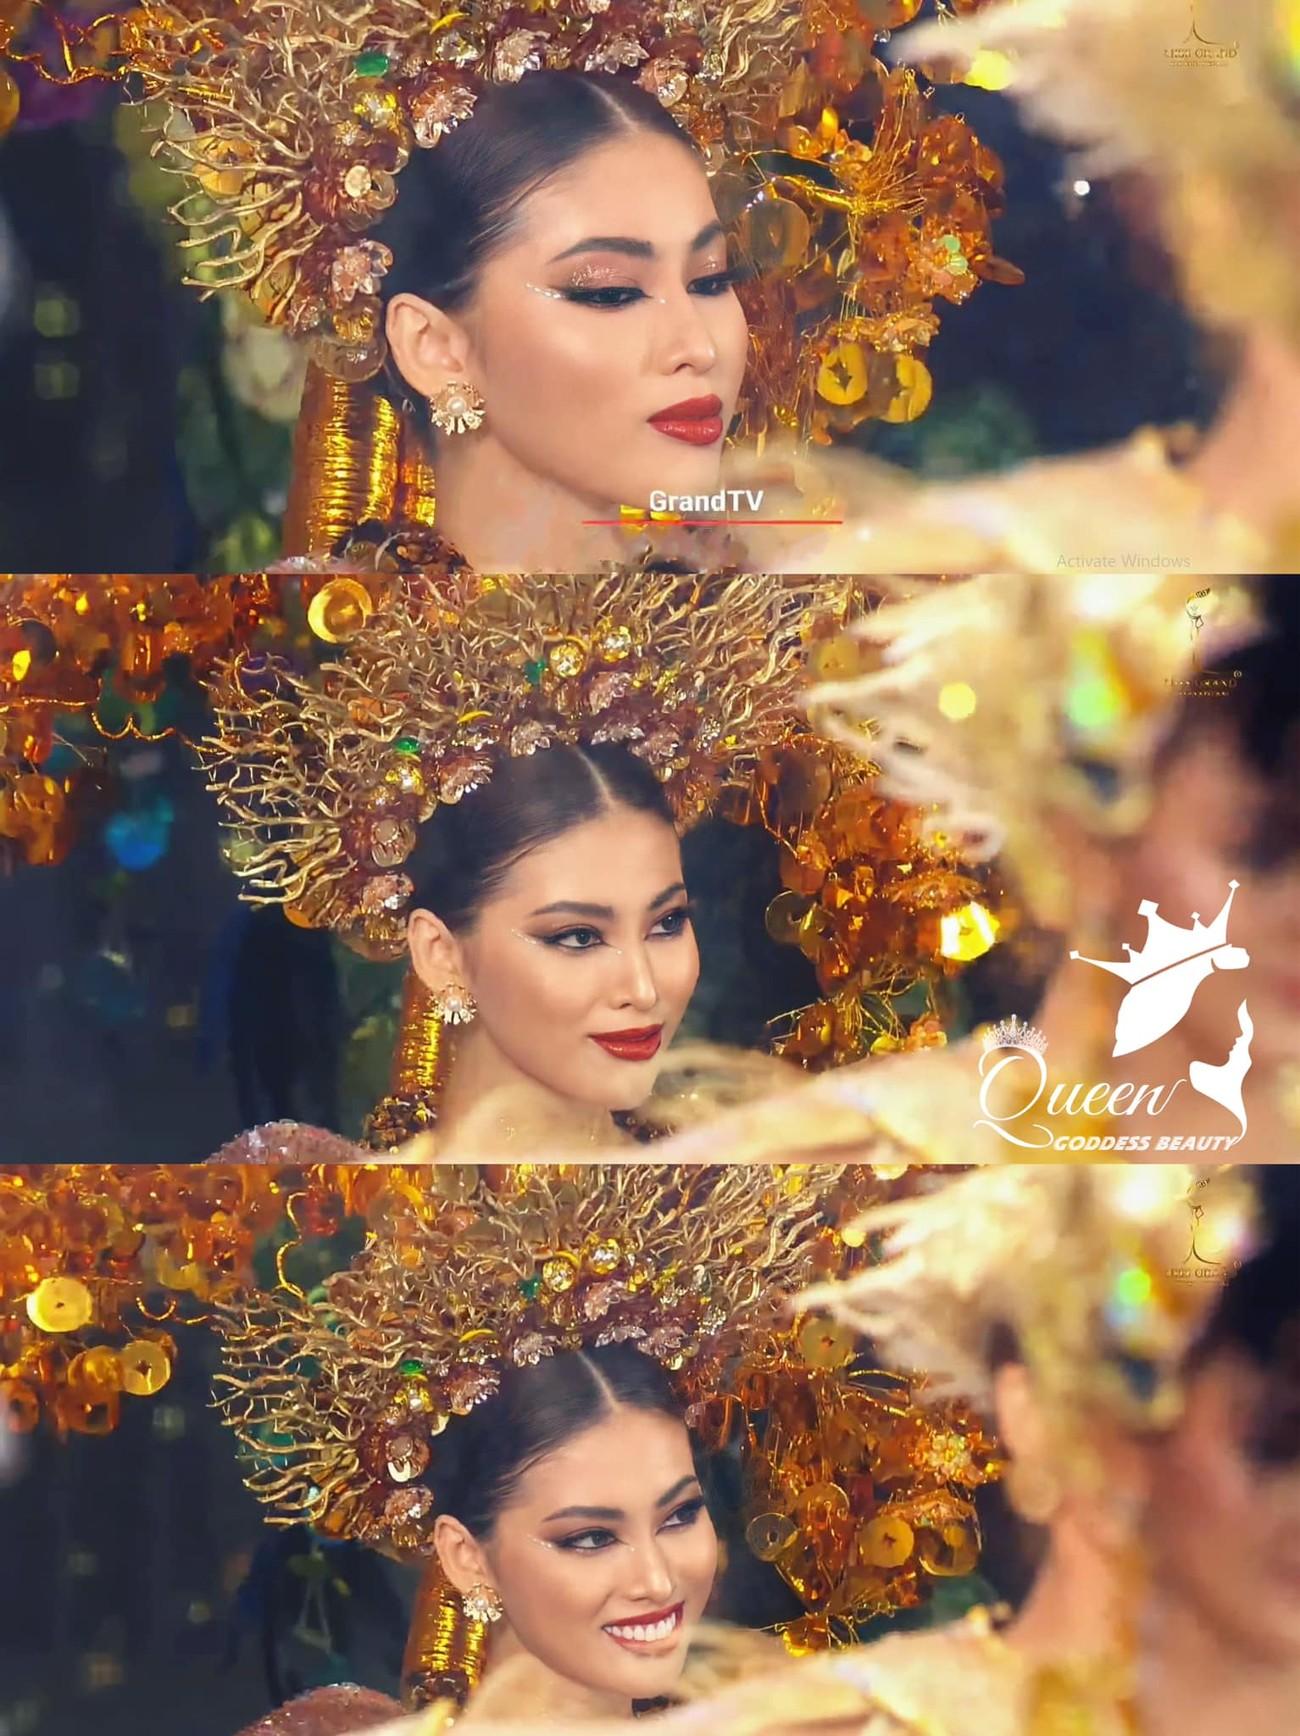 Thần thái 'Lá ngọc cành vàng' kiêu sa của Ngọc Thảo qua ống kính phóng viên quốc tế ảnh 9